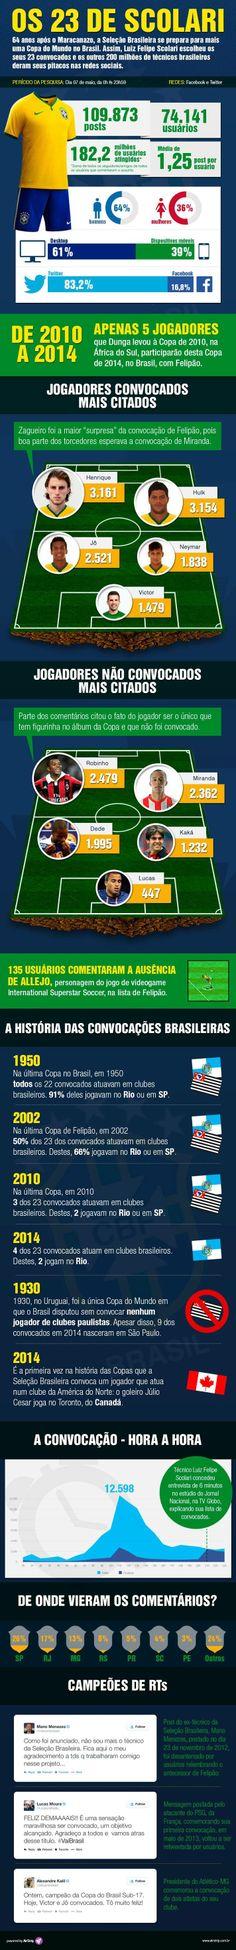 Infográfico: a convocação da seleção nas redes sociais - Adnews - Movido pela Notícia